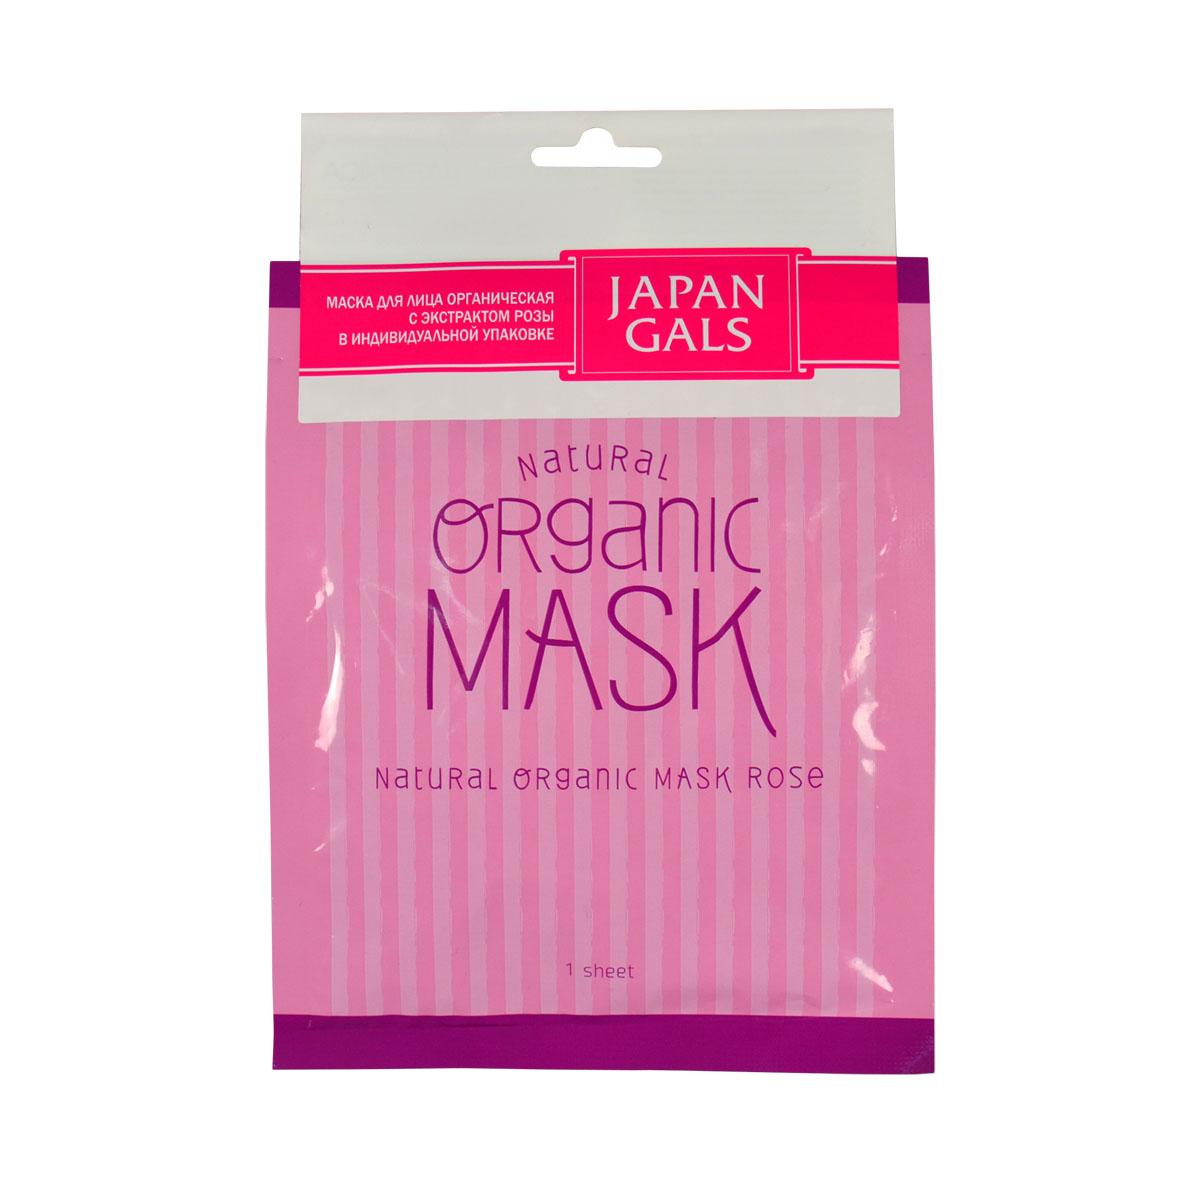 Japan Gals Маска для лица органическая с экстрактом розы 1 шт29318Органическая маска JAPAN GALS с экстрактом розы создана для глубокого увлажнения кожи. Все компоненты подбирались особенно тщательно, а органический хлопок из которого создана маска естественно и мягко заботится о лице. Маска подходят для всех типов кожи и в любом возрасте. Чтобы ваша кожа сияла здоровьем, Вам потребуется всего 10-15 минут в день для ухода за ней. Маска очень проста в применении, а после ее использования лицо не требует дополнительного умывания. Тканевая основа маски пропитана сывороткой, и благодаря плотному прилеганию маски к лицу состав проникает глубоко в кожу, успокаивая и увлажняя ее изнутри. Так же у маски имеются специальные кармашки для проработки зоны в области глаз. В состав маски входят природная розовая вода, экстракт розы, экстракт шиповника, с добавлением в сыворотку масла розы. Розовая вода содержит в себе концентрированное розовое масло и дистиллированную воду. Розовая вода сохраняет в себе свойства розы и хорошо известна своими полезными свойствами....